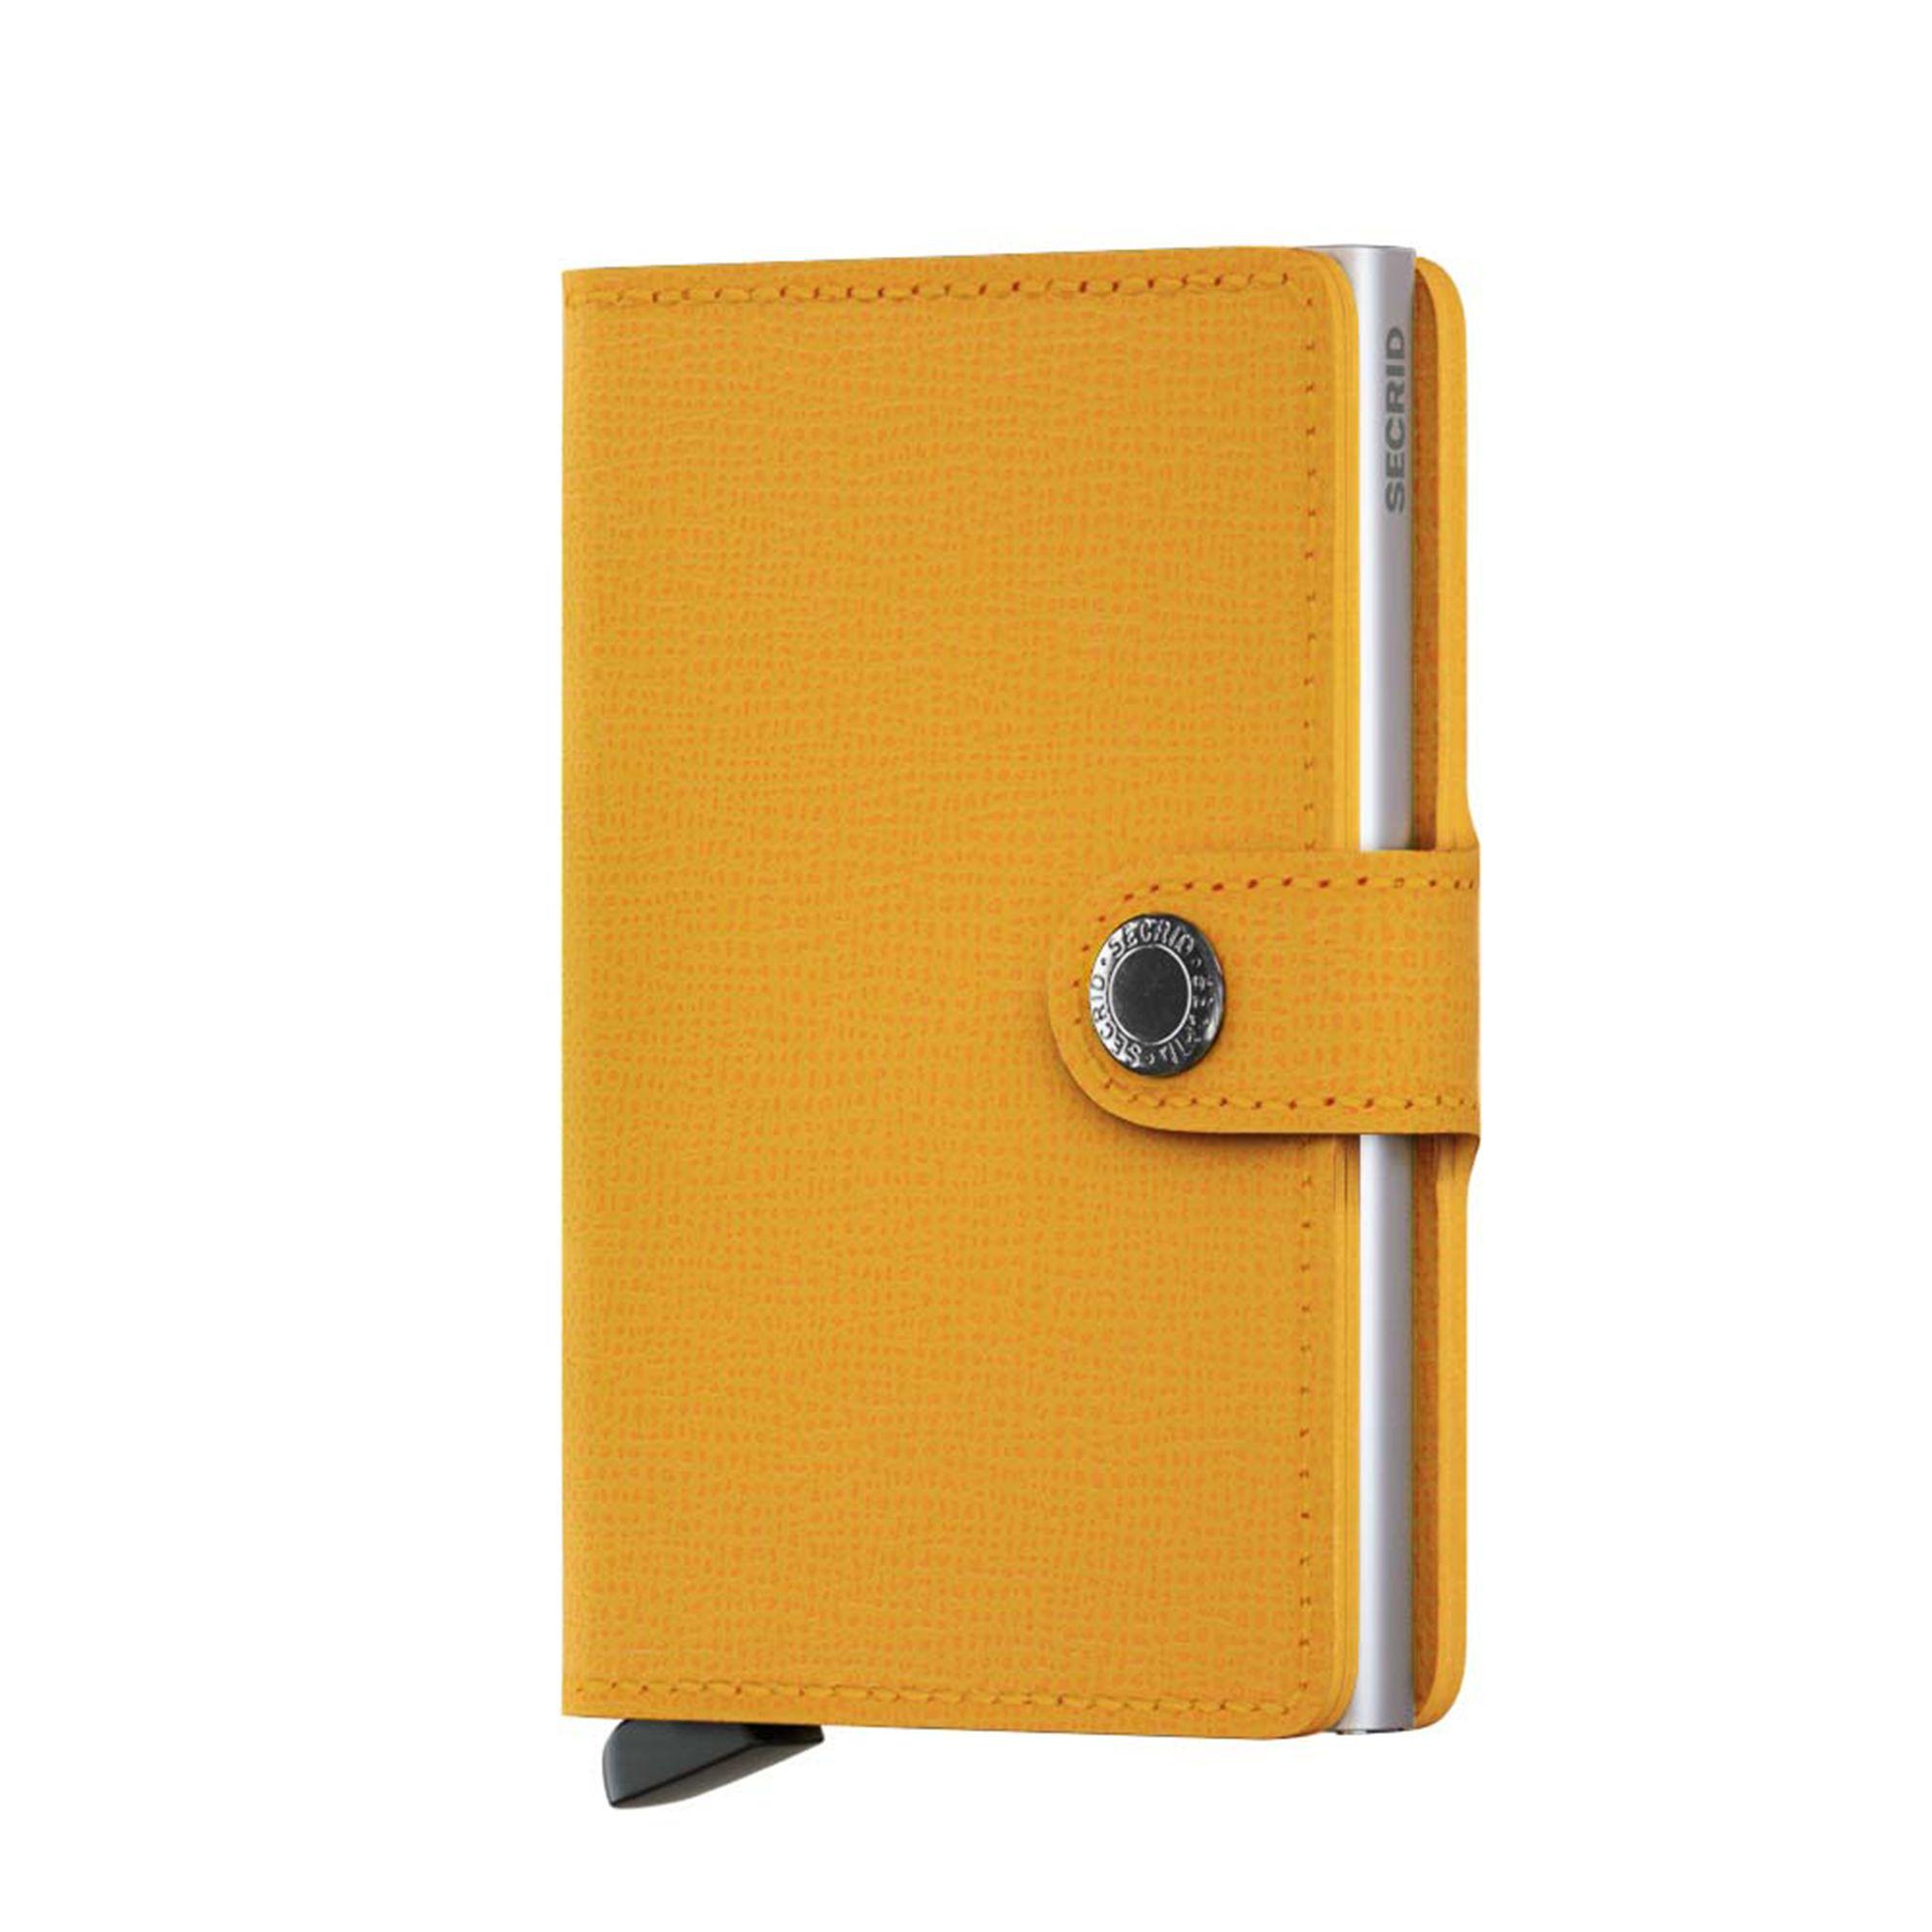 Secrid liten plånbok i skinn och metall, Mörkgul